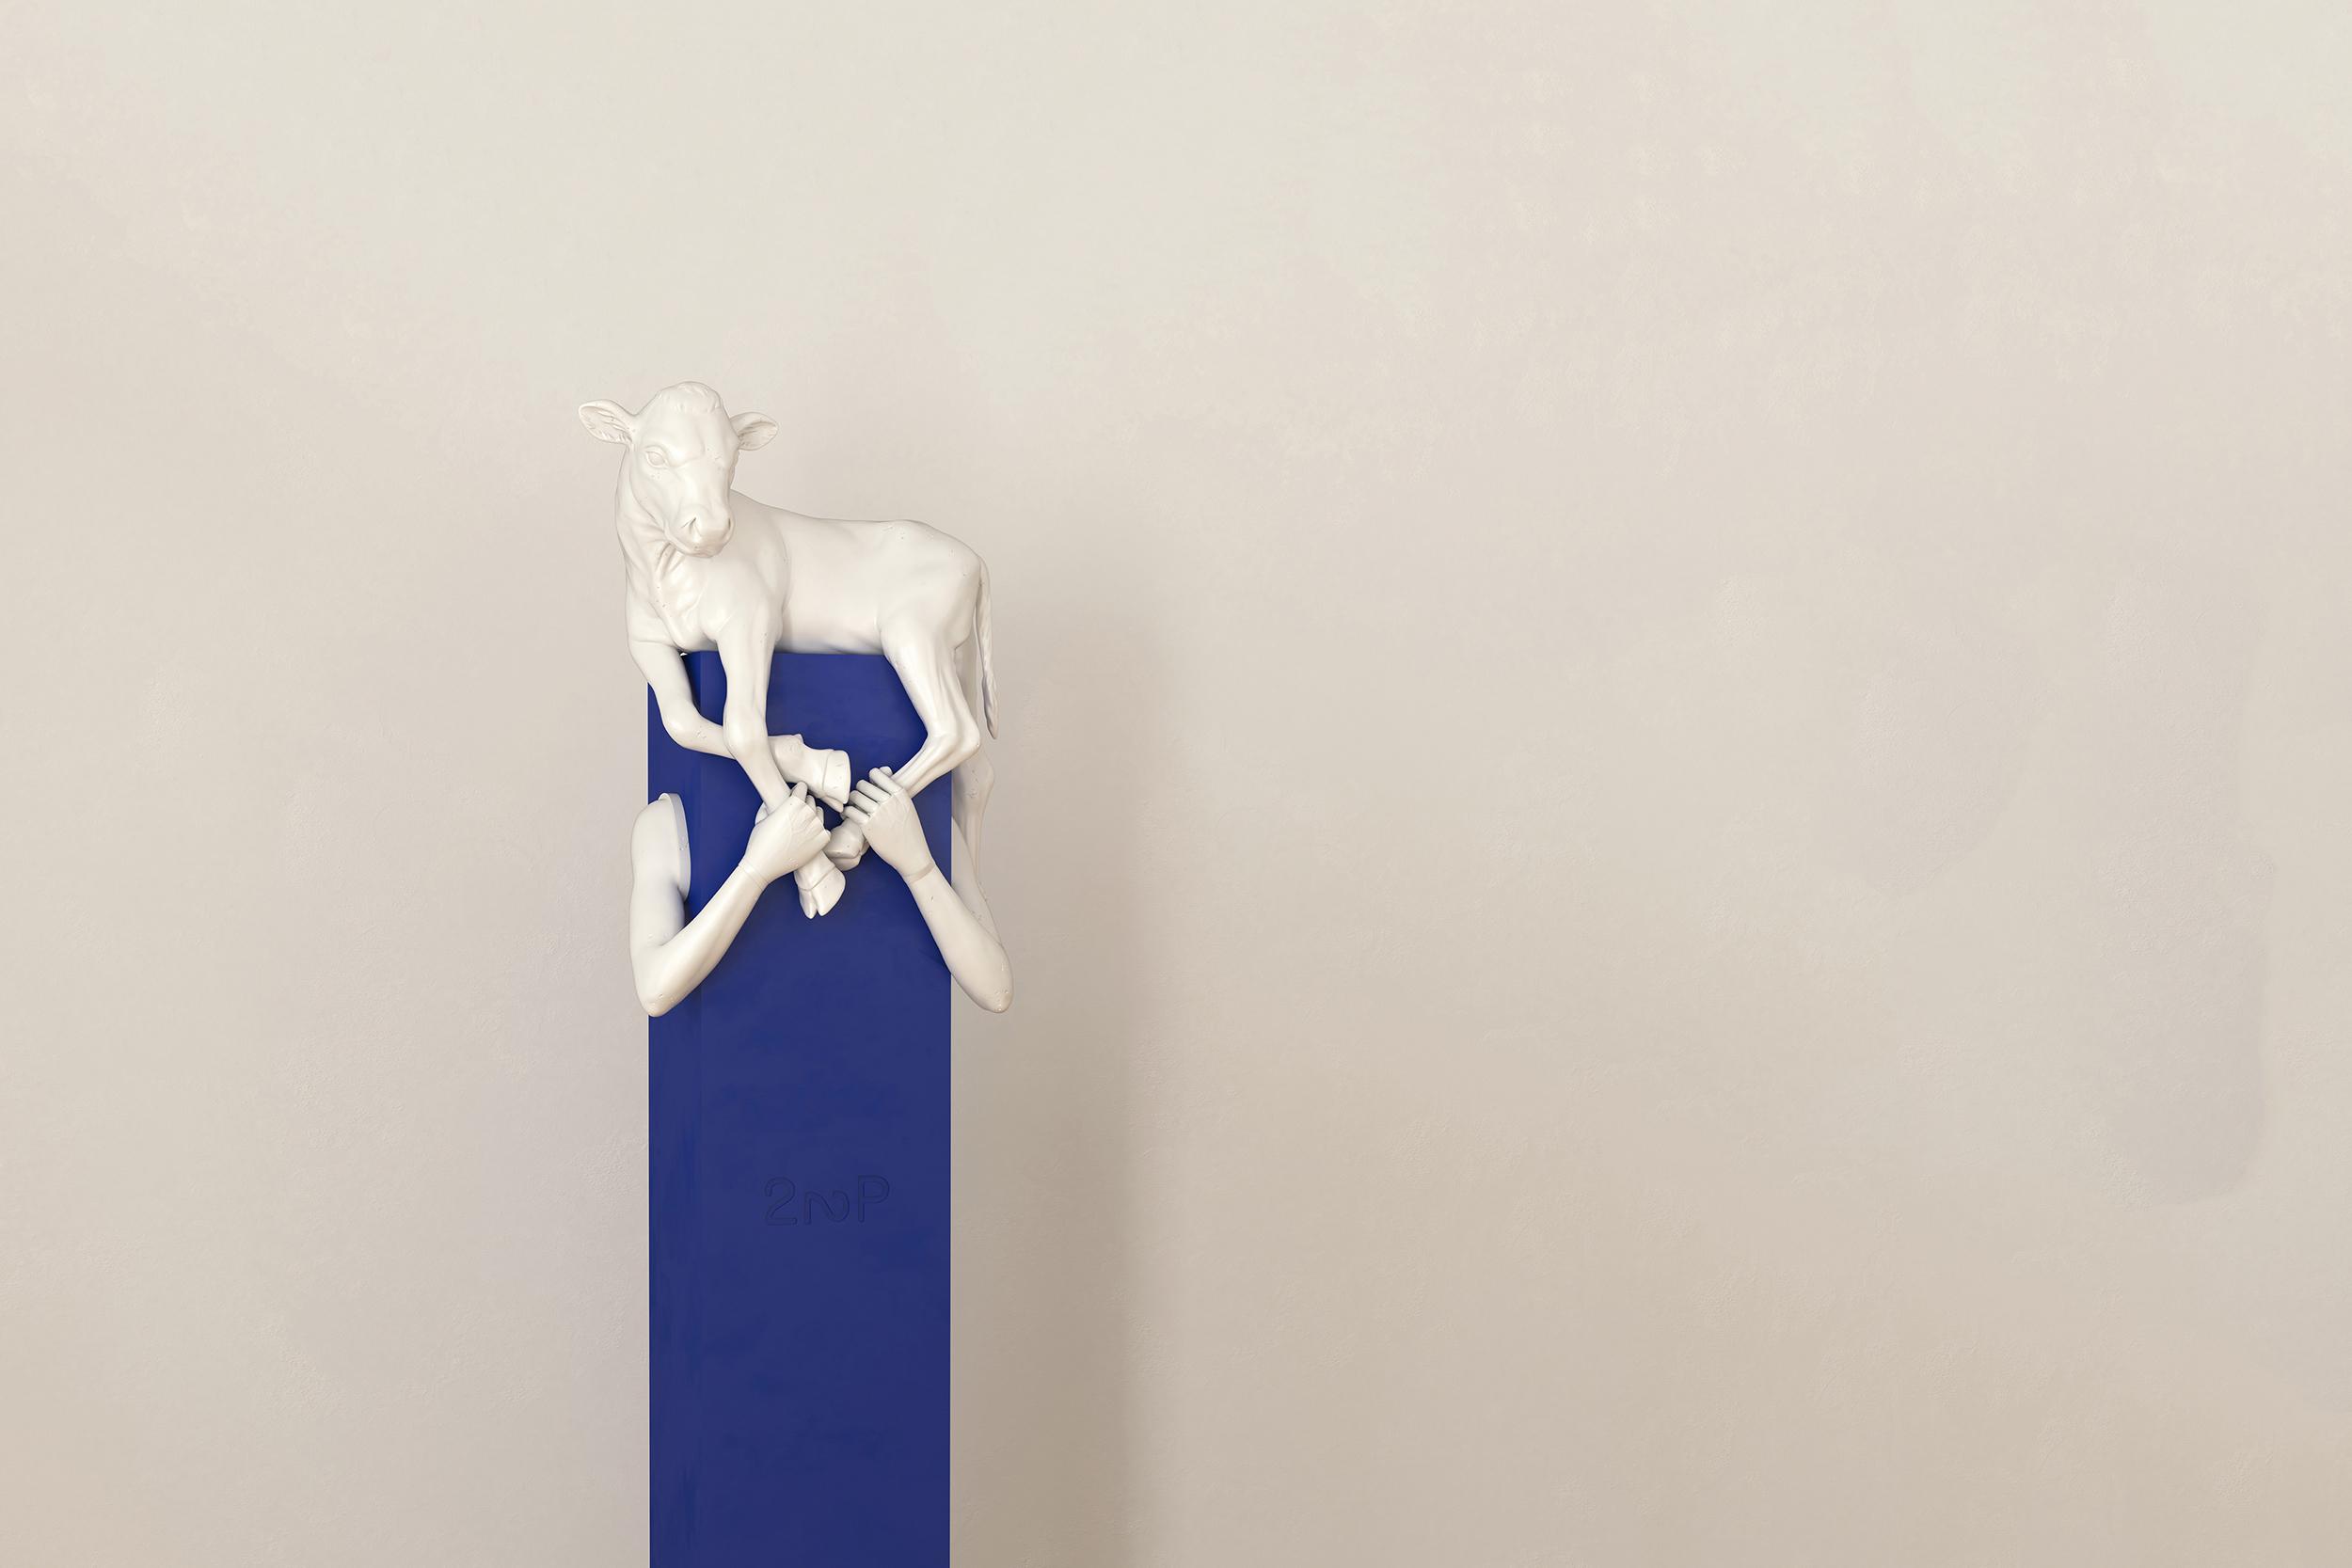 Votivstele, blaues Rechteck mit Armen und Kalb auf den Schultern